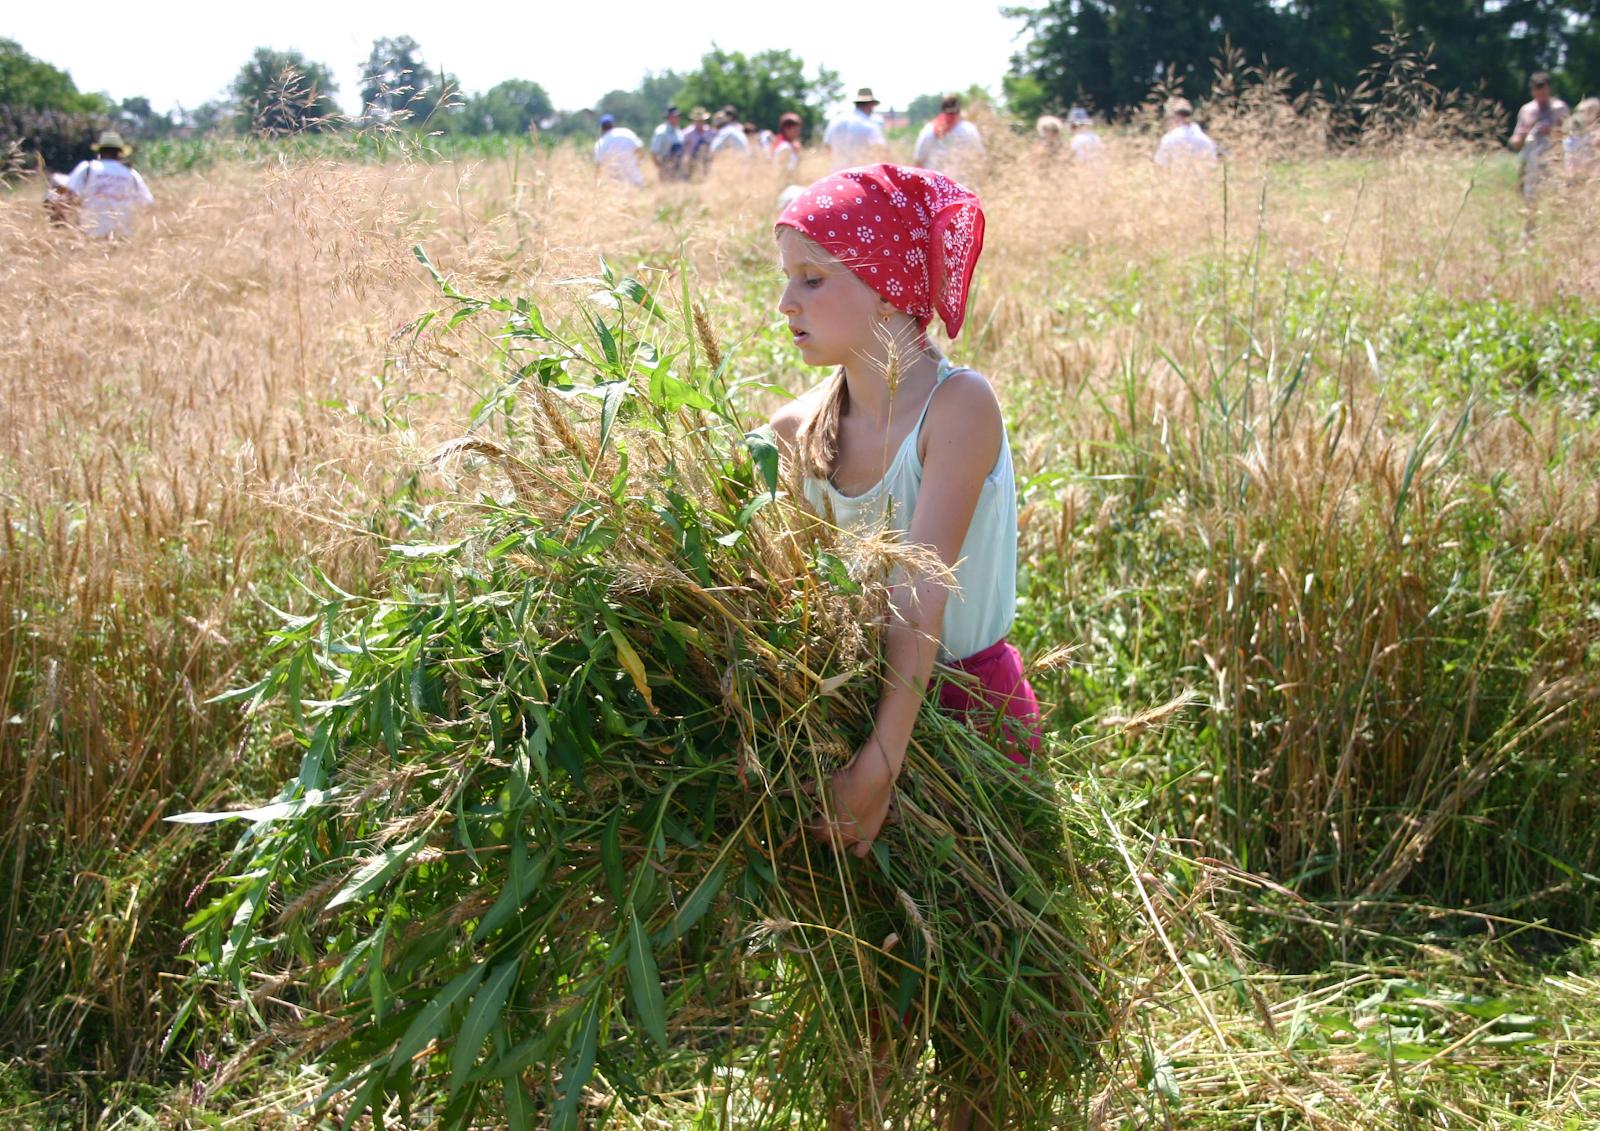 Lễ hội thu hoạch tại Anh được diễn ra vào tiết thu phân